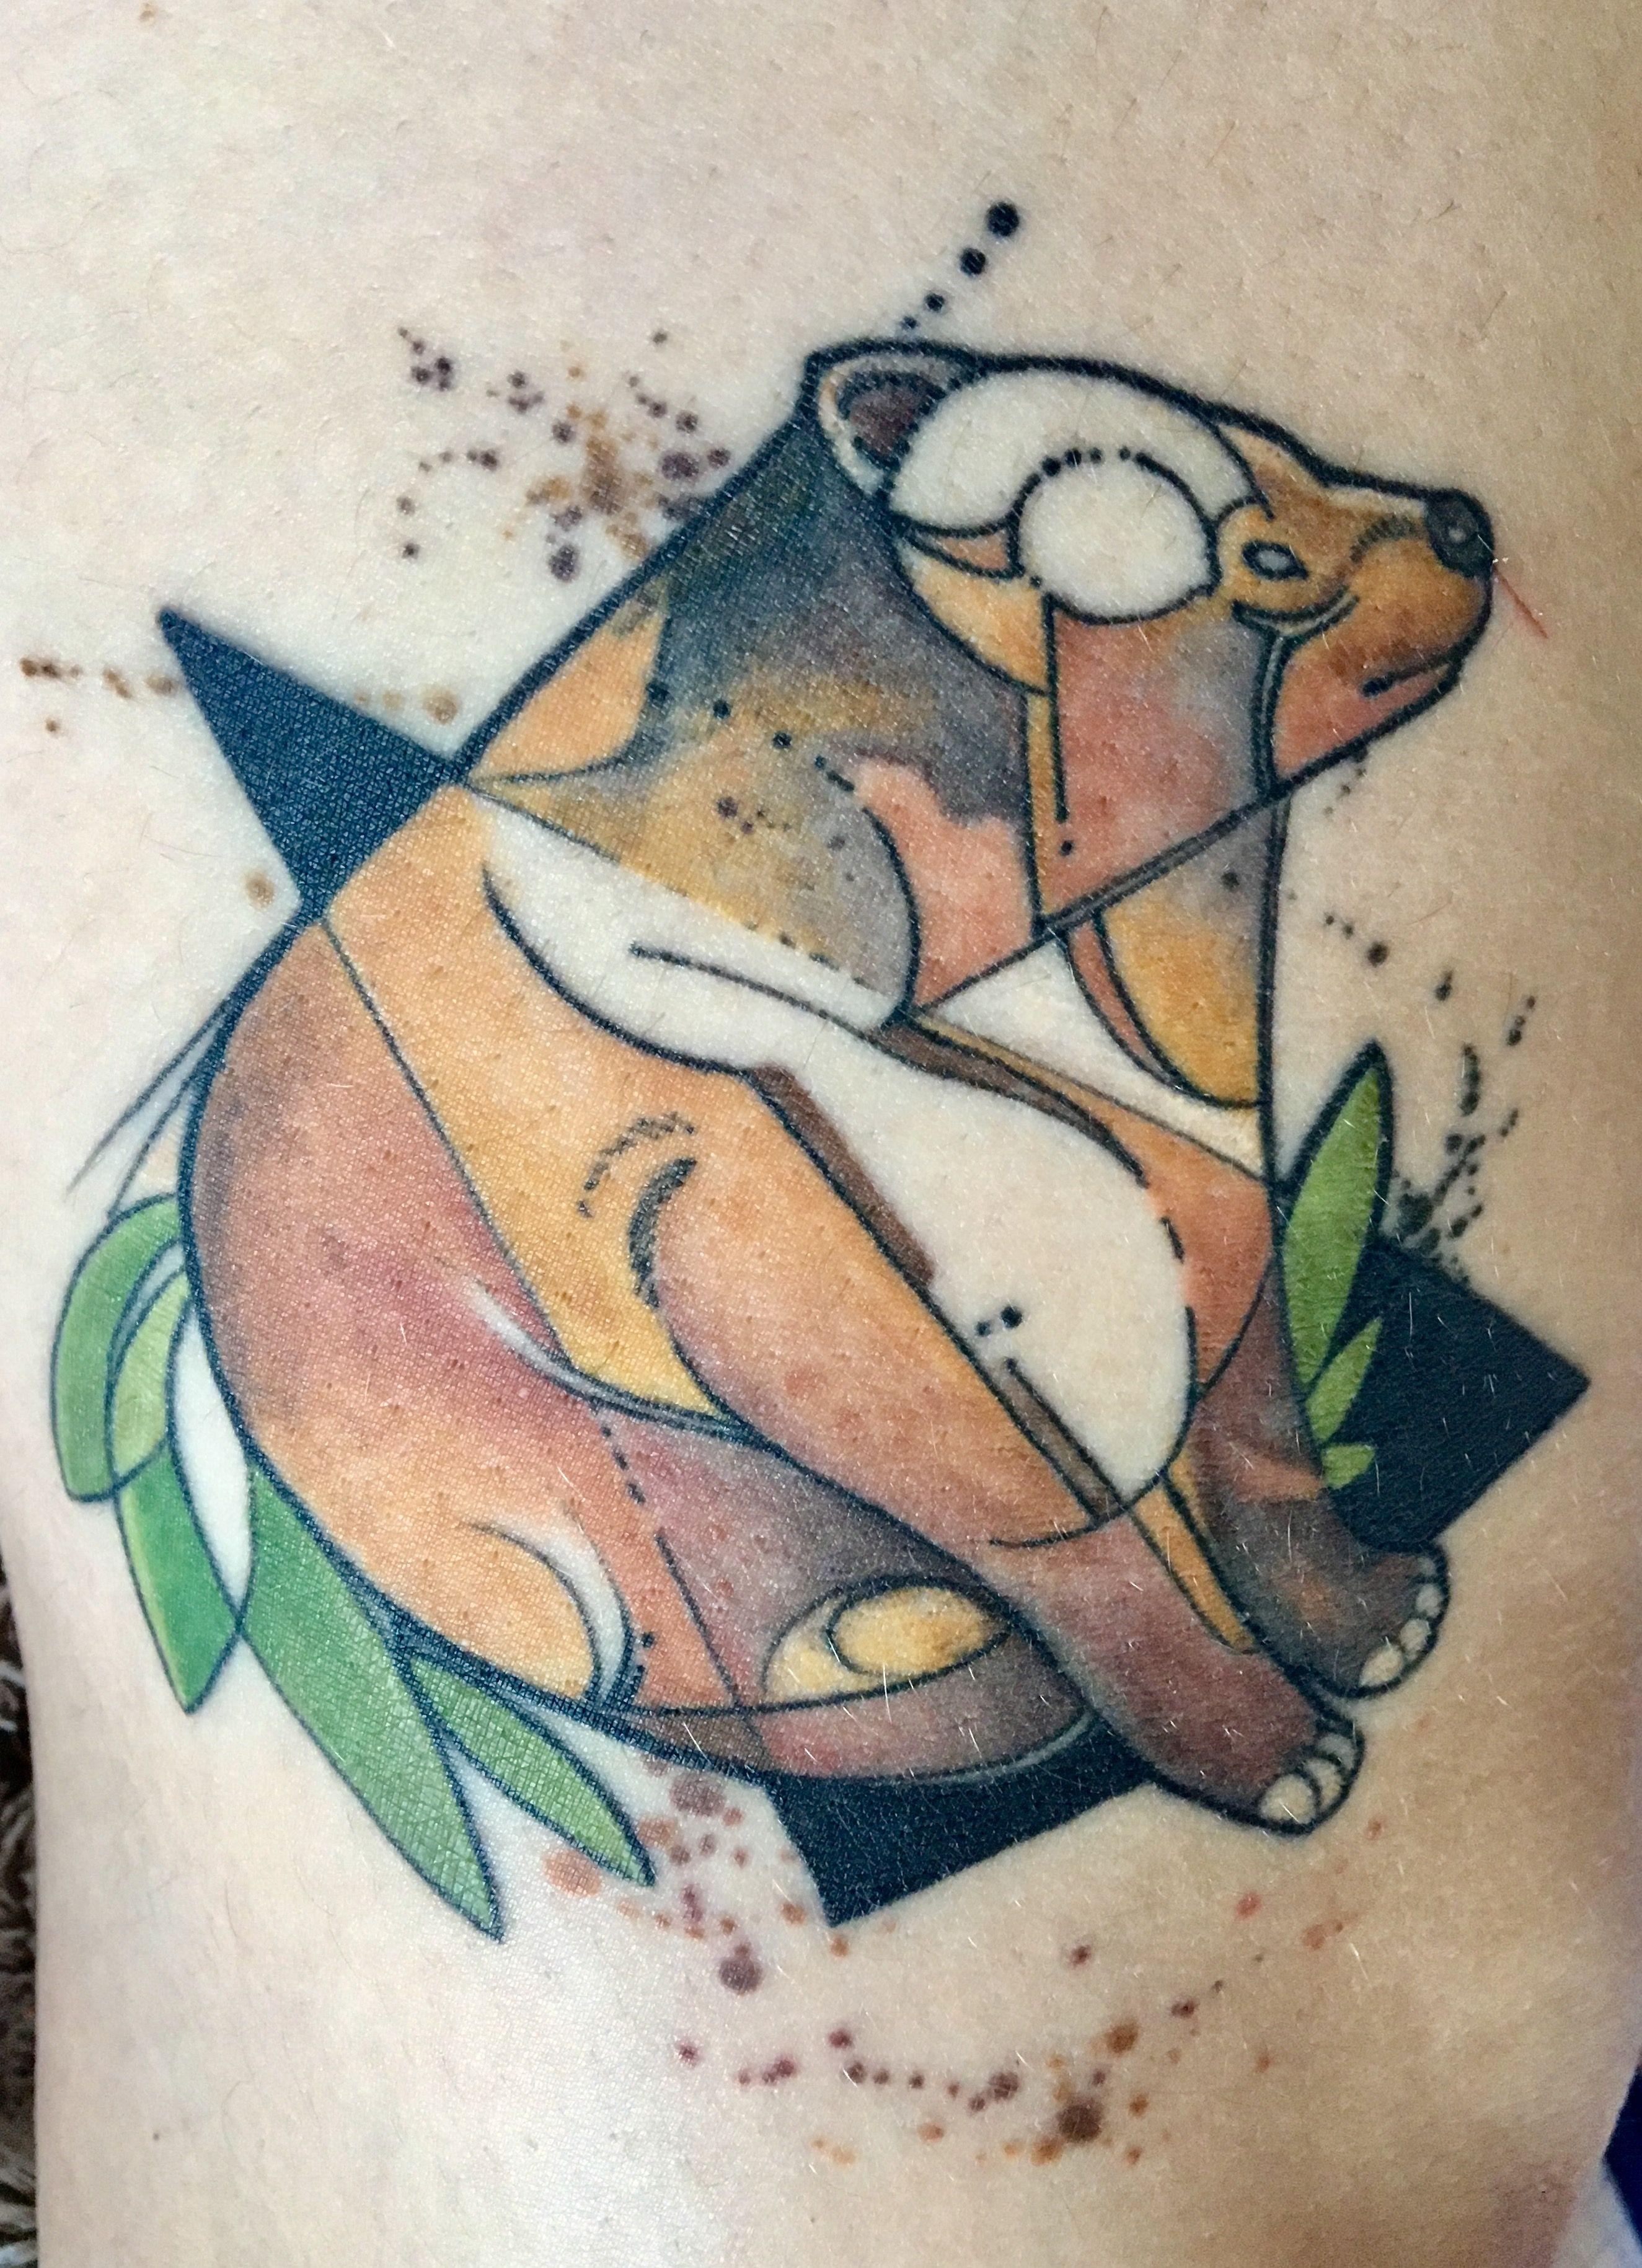 Tatouage Ours Bear Tattoo Ours Bear Tattoo Beartattoo Tatouage